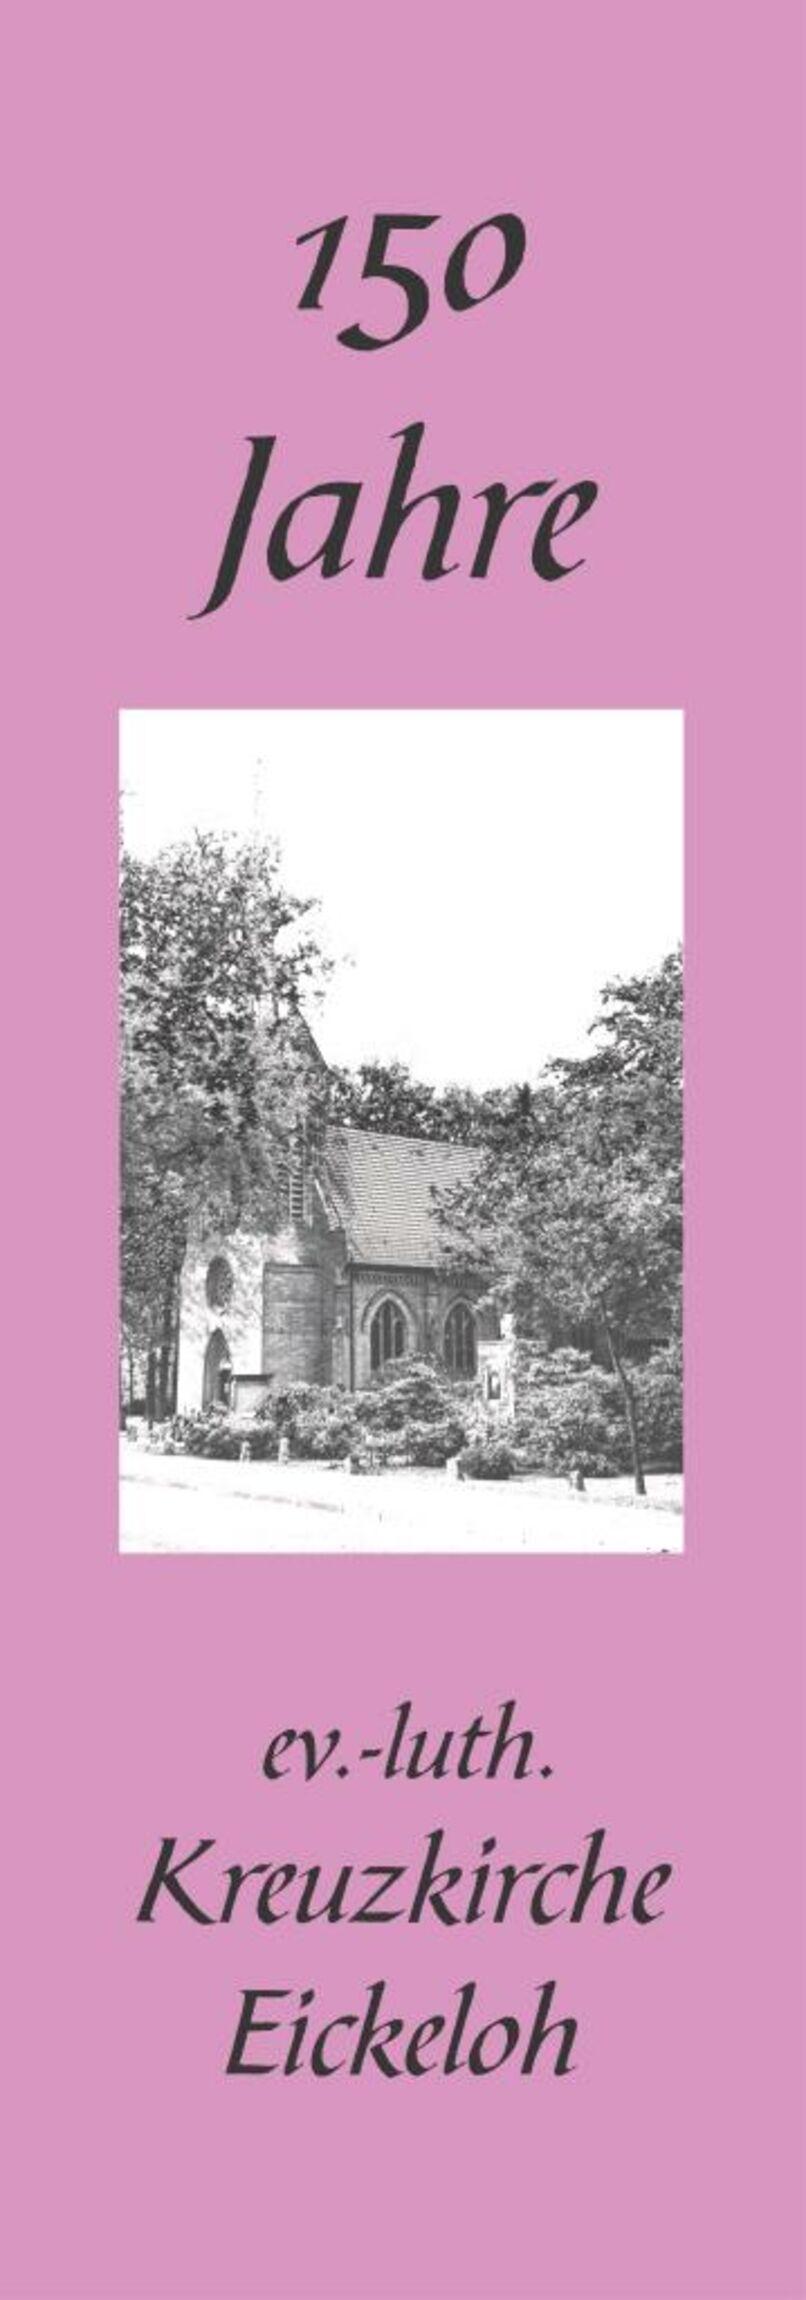 Banner zum Kirchenjubiläum